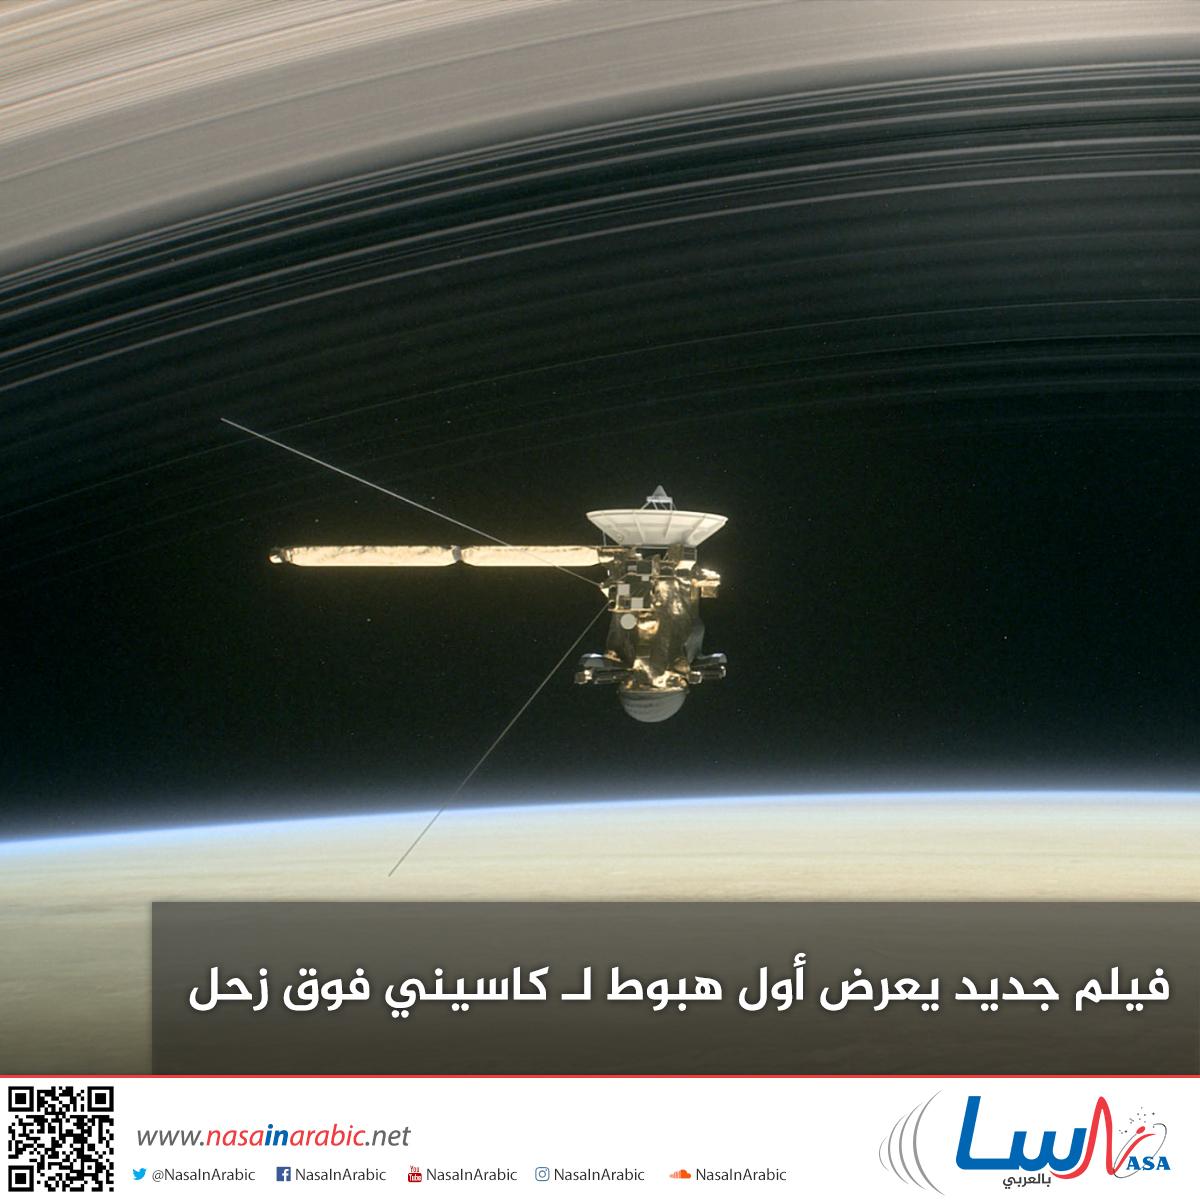 فيلم جديد يعرض أول هبوط لكاسيني Cassini فوق زحل